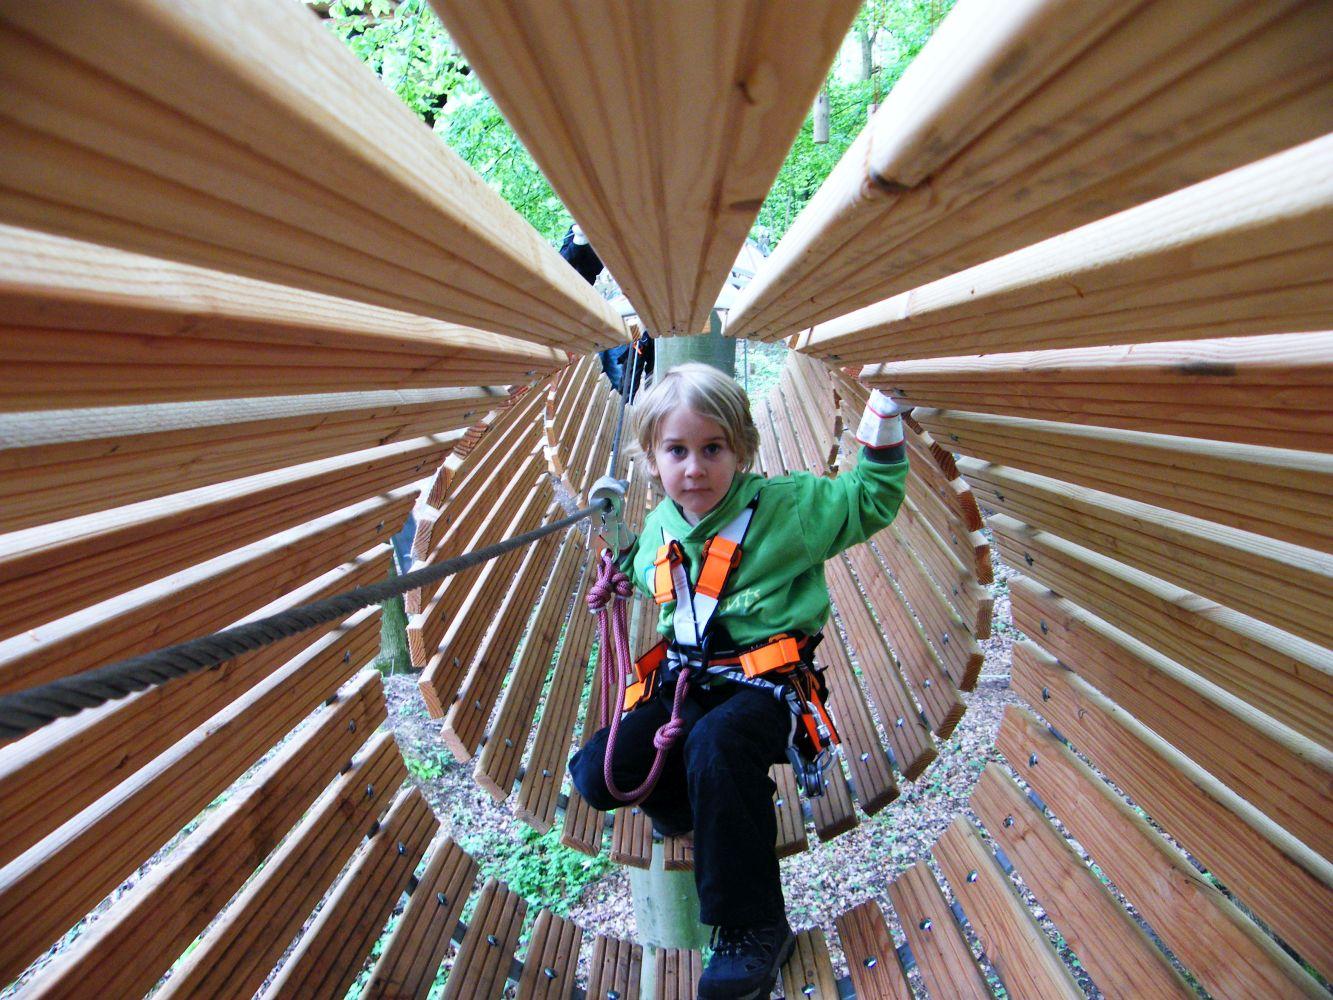 Kletterausrüstung Bonn : Nervenkitzel im gigantischen kletterwald in bonn u für die ganze